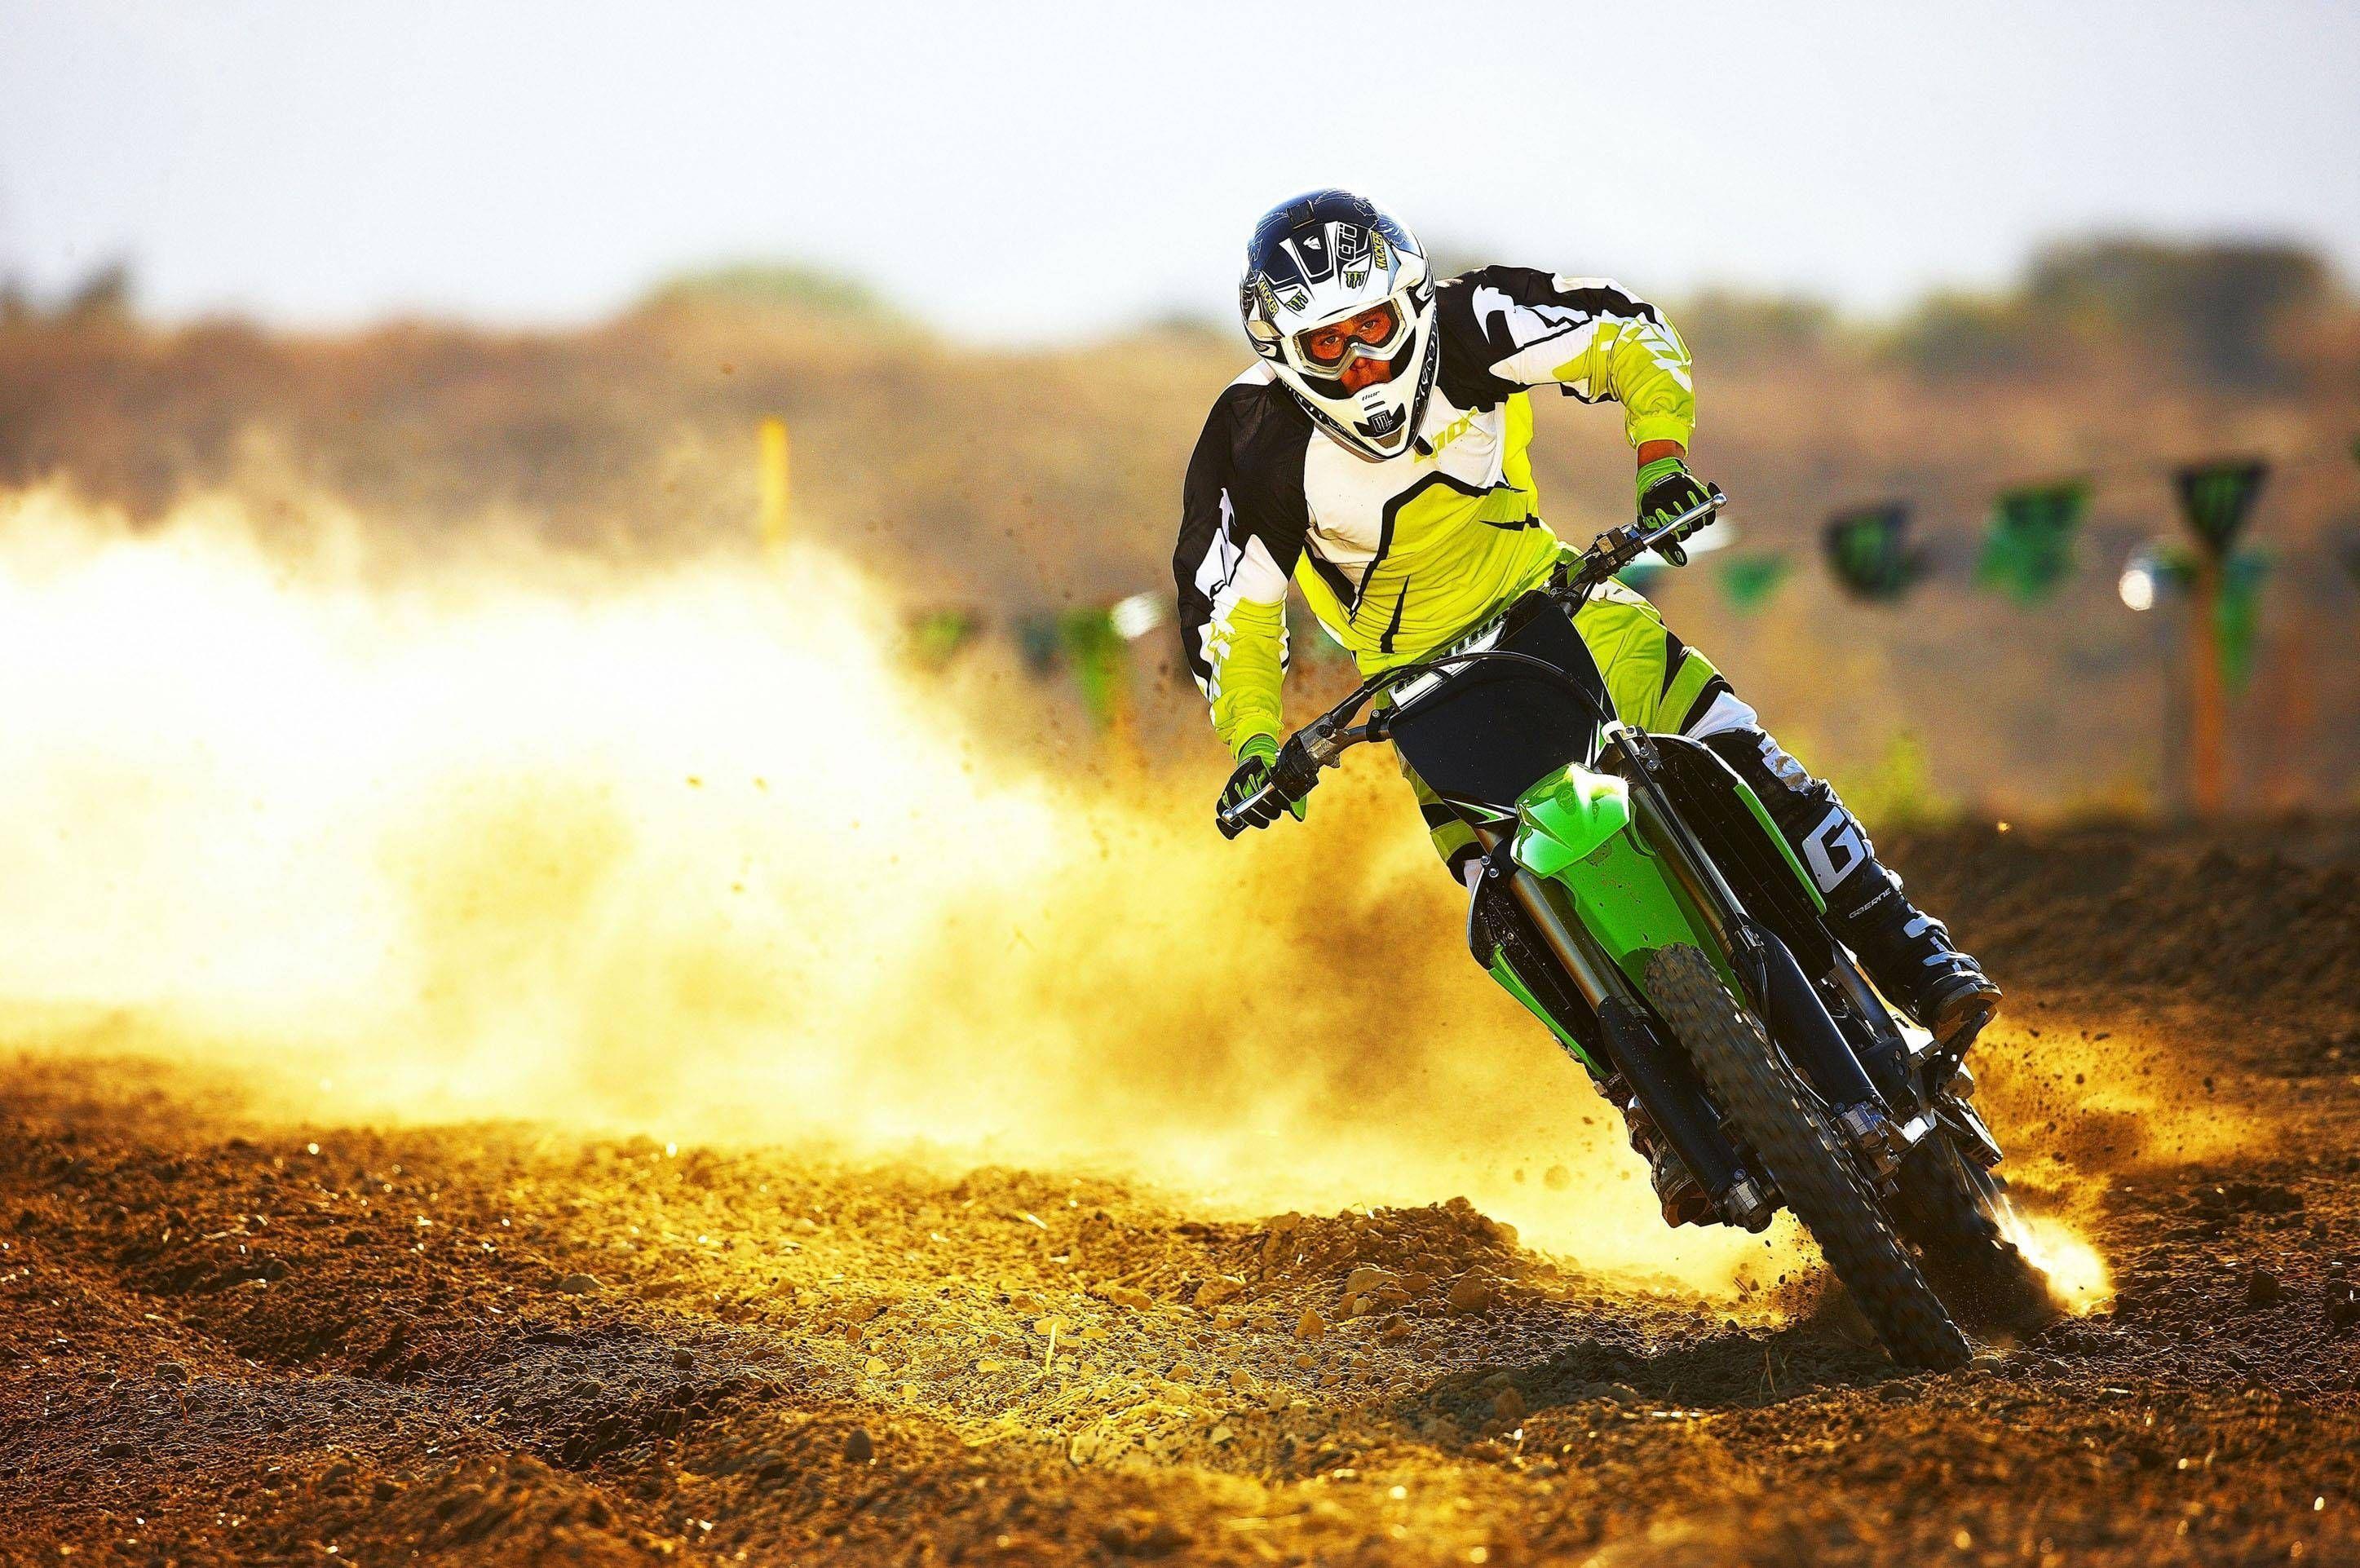 Dirt Bike Racing Wallpapers Top Free Dirt Bike Racing Backgrounds Wallpaperaccess